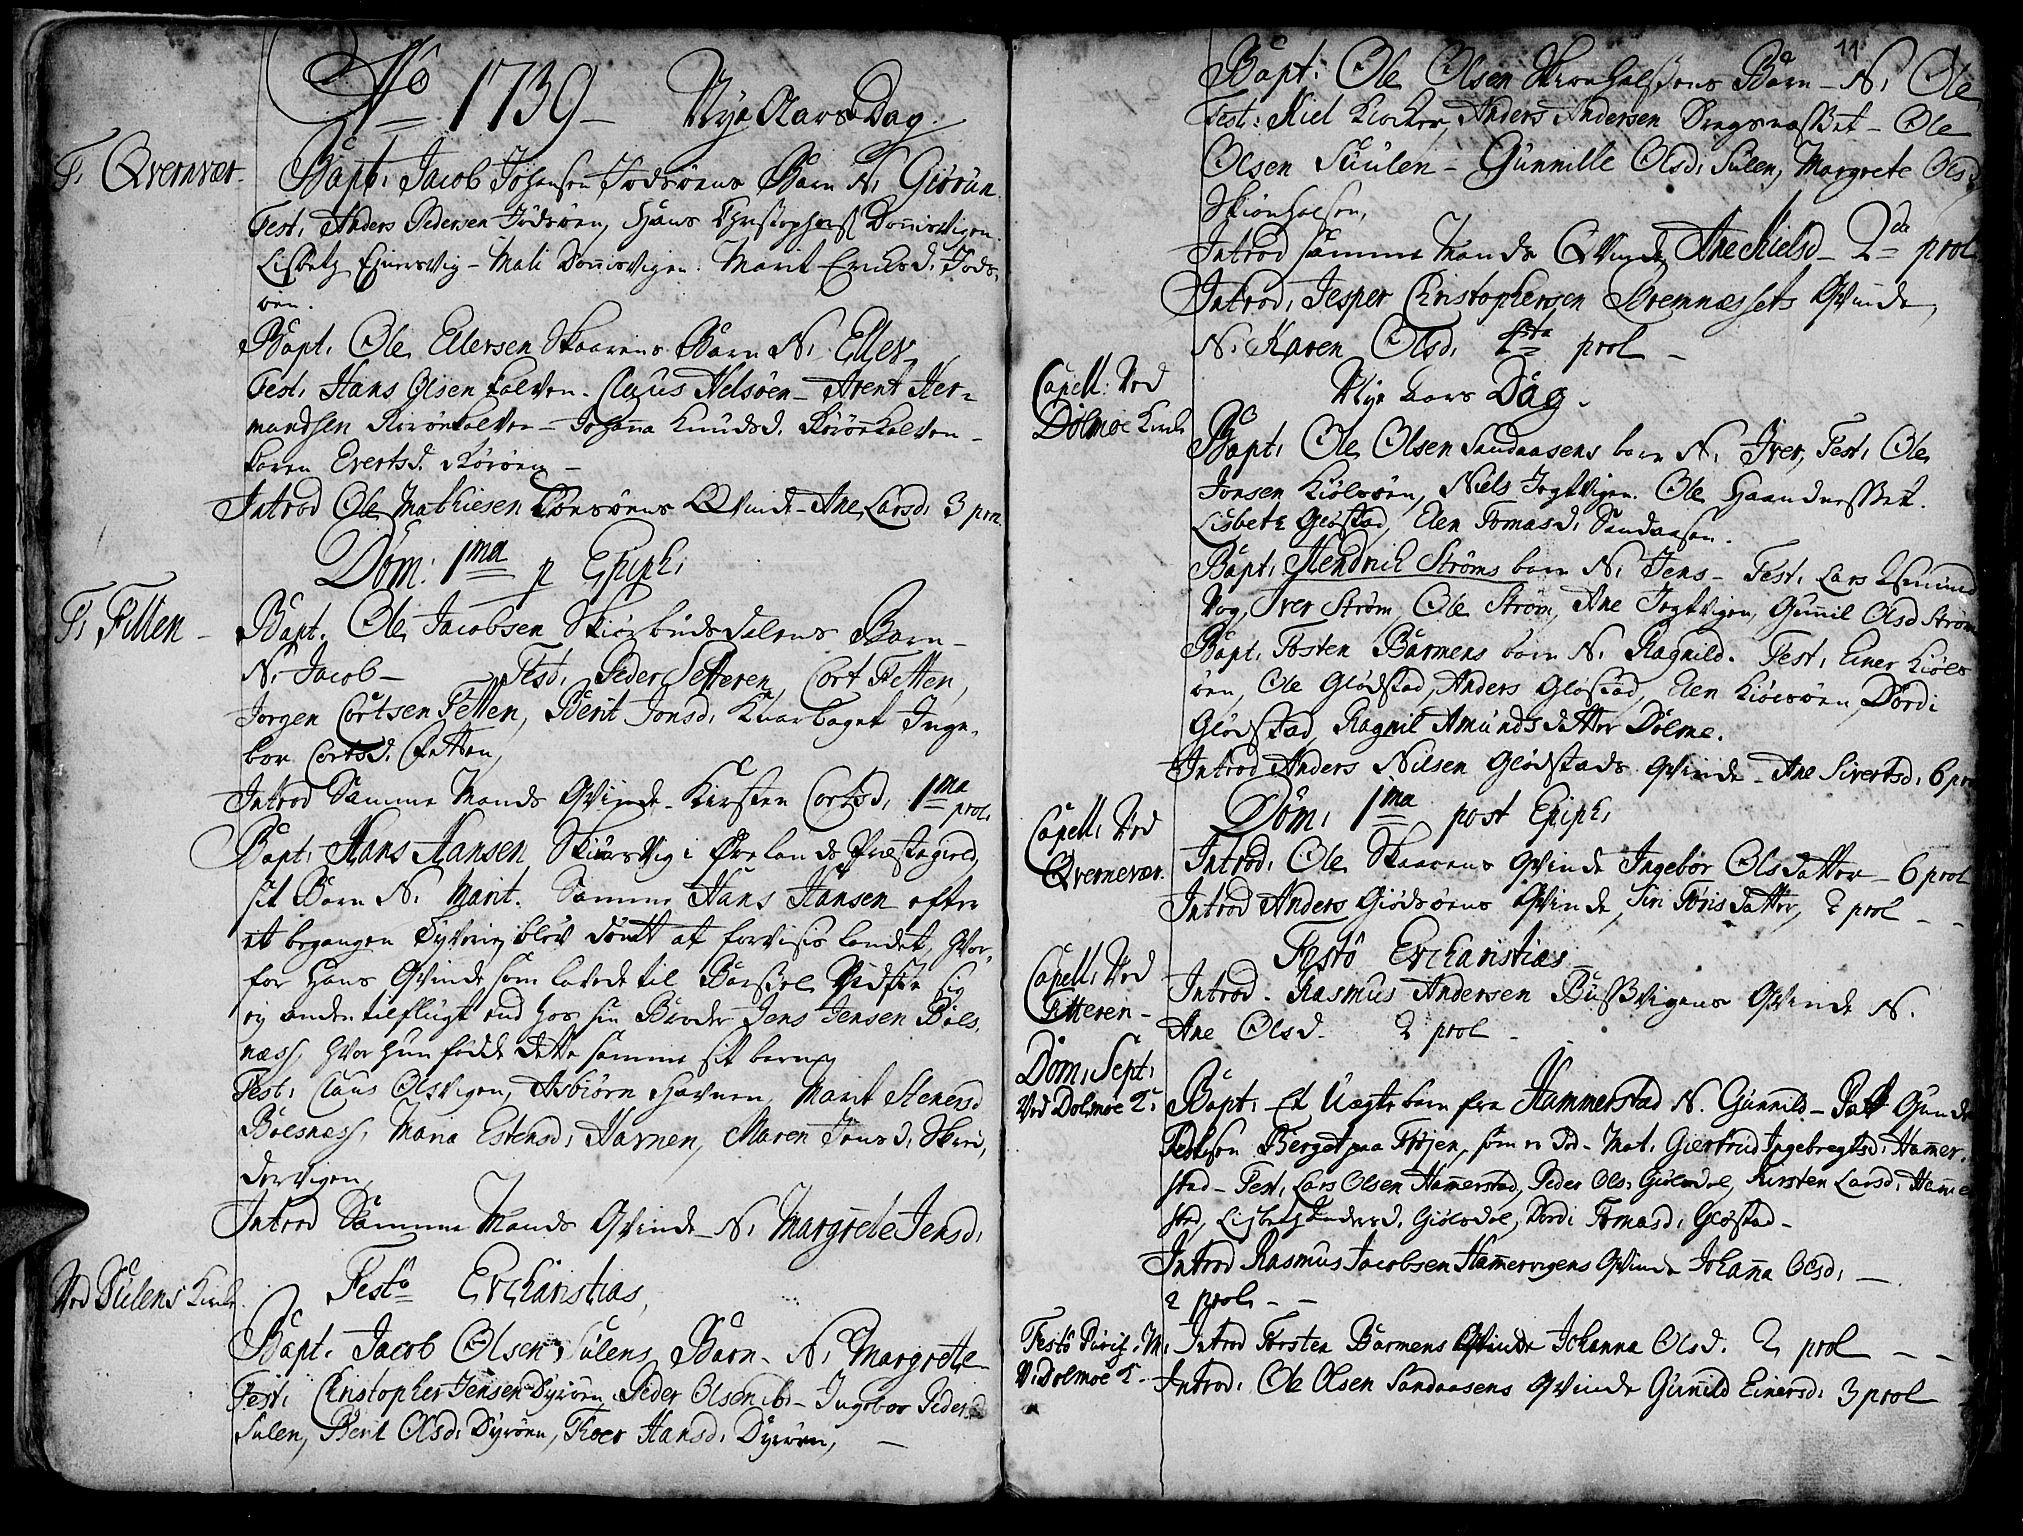 SAT, Ministerialprotokoller, klokkerbøker og fødselsregistre - Sør-Trøndelag, 634/L0525: Ministerialbok nr. 634A01, 1736-1775, s. 11